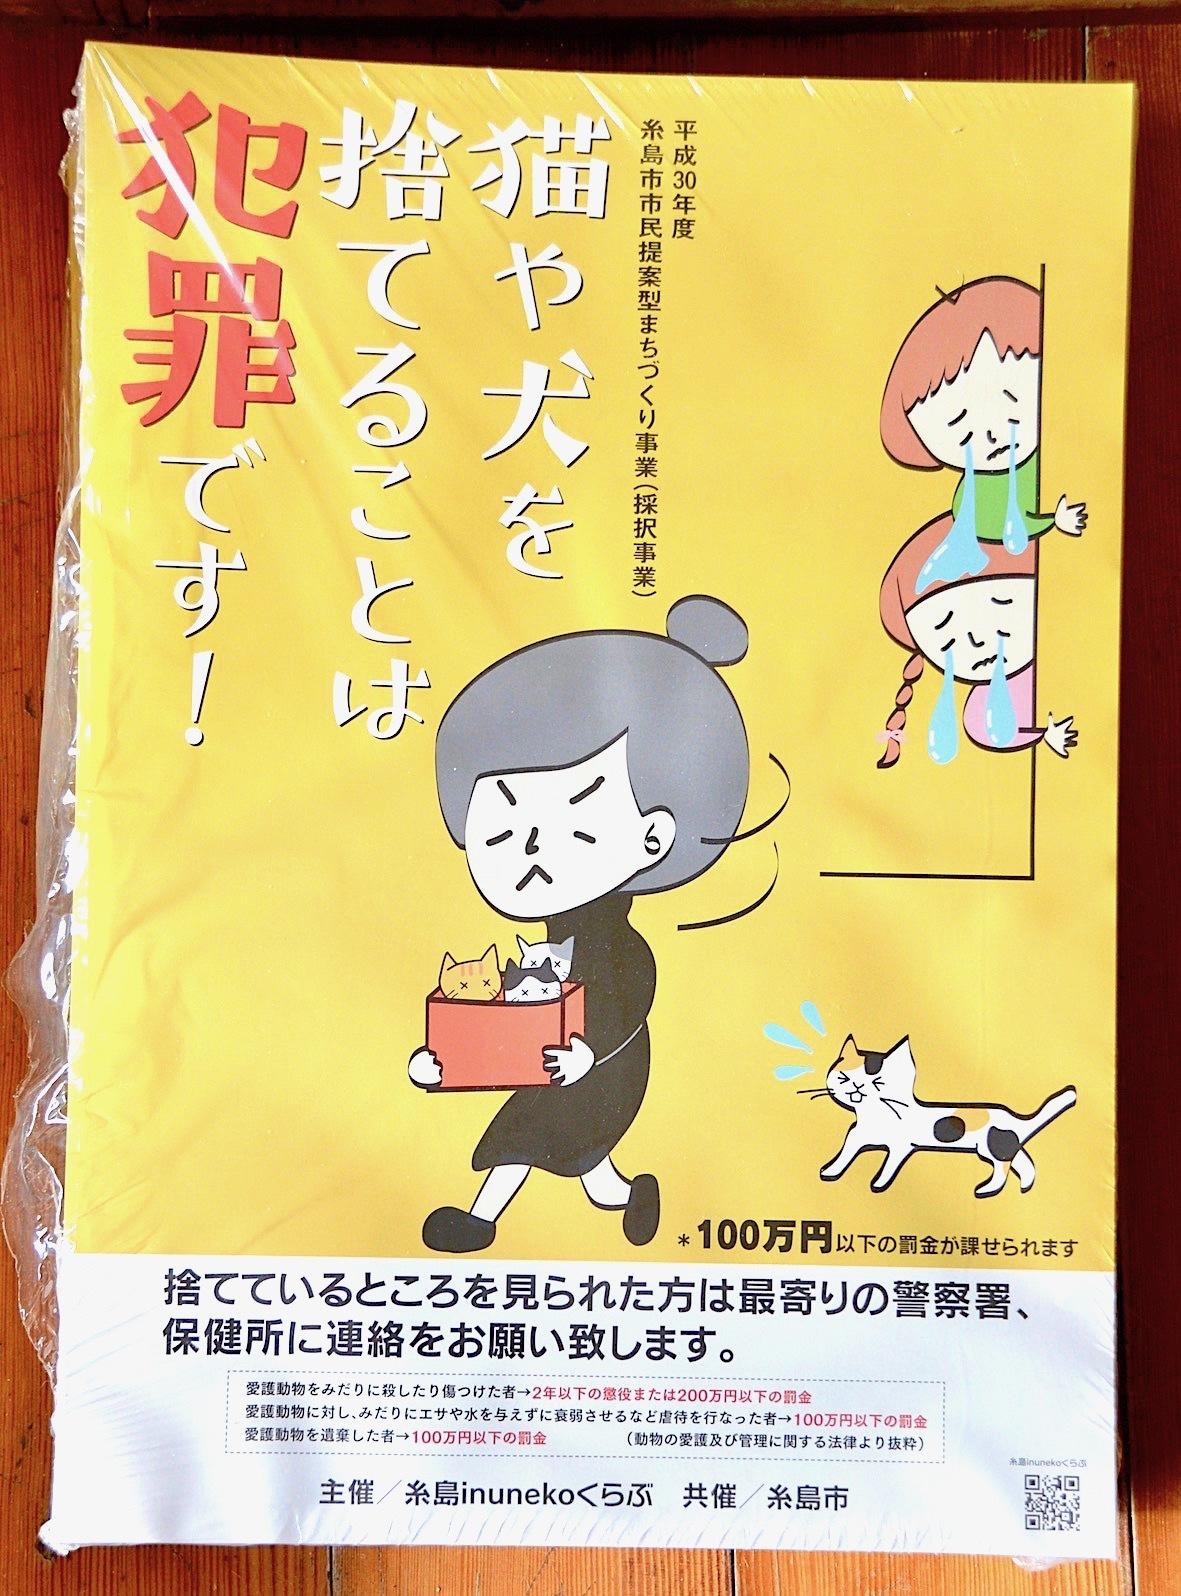 「犬や猫を捨てないで」ポスター、チラシ、配布します。_d0073743_19515100.jpeg